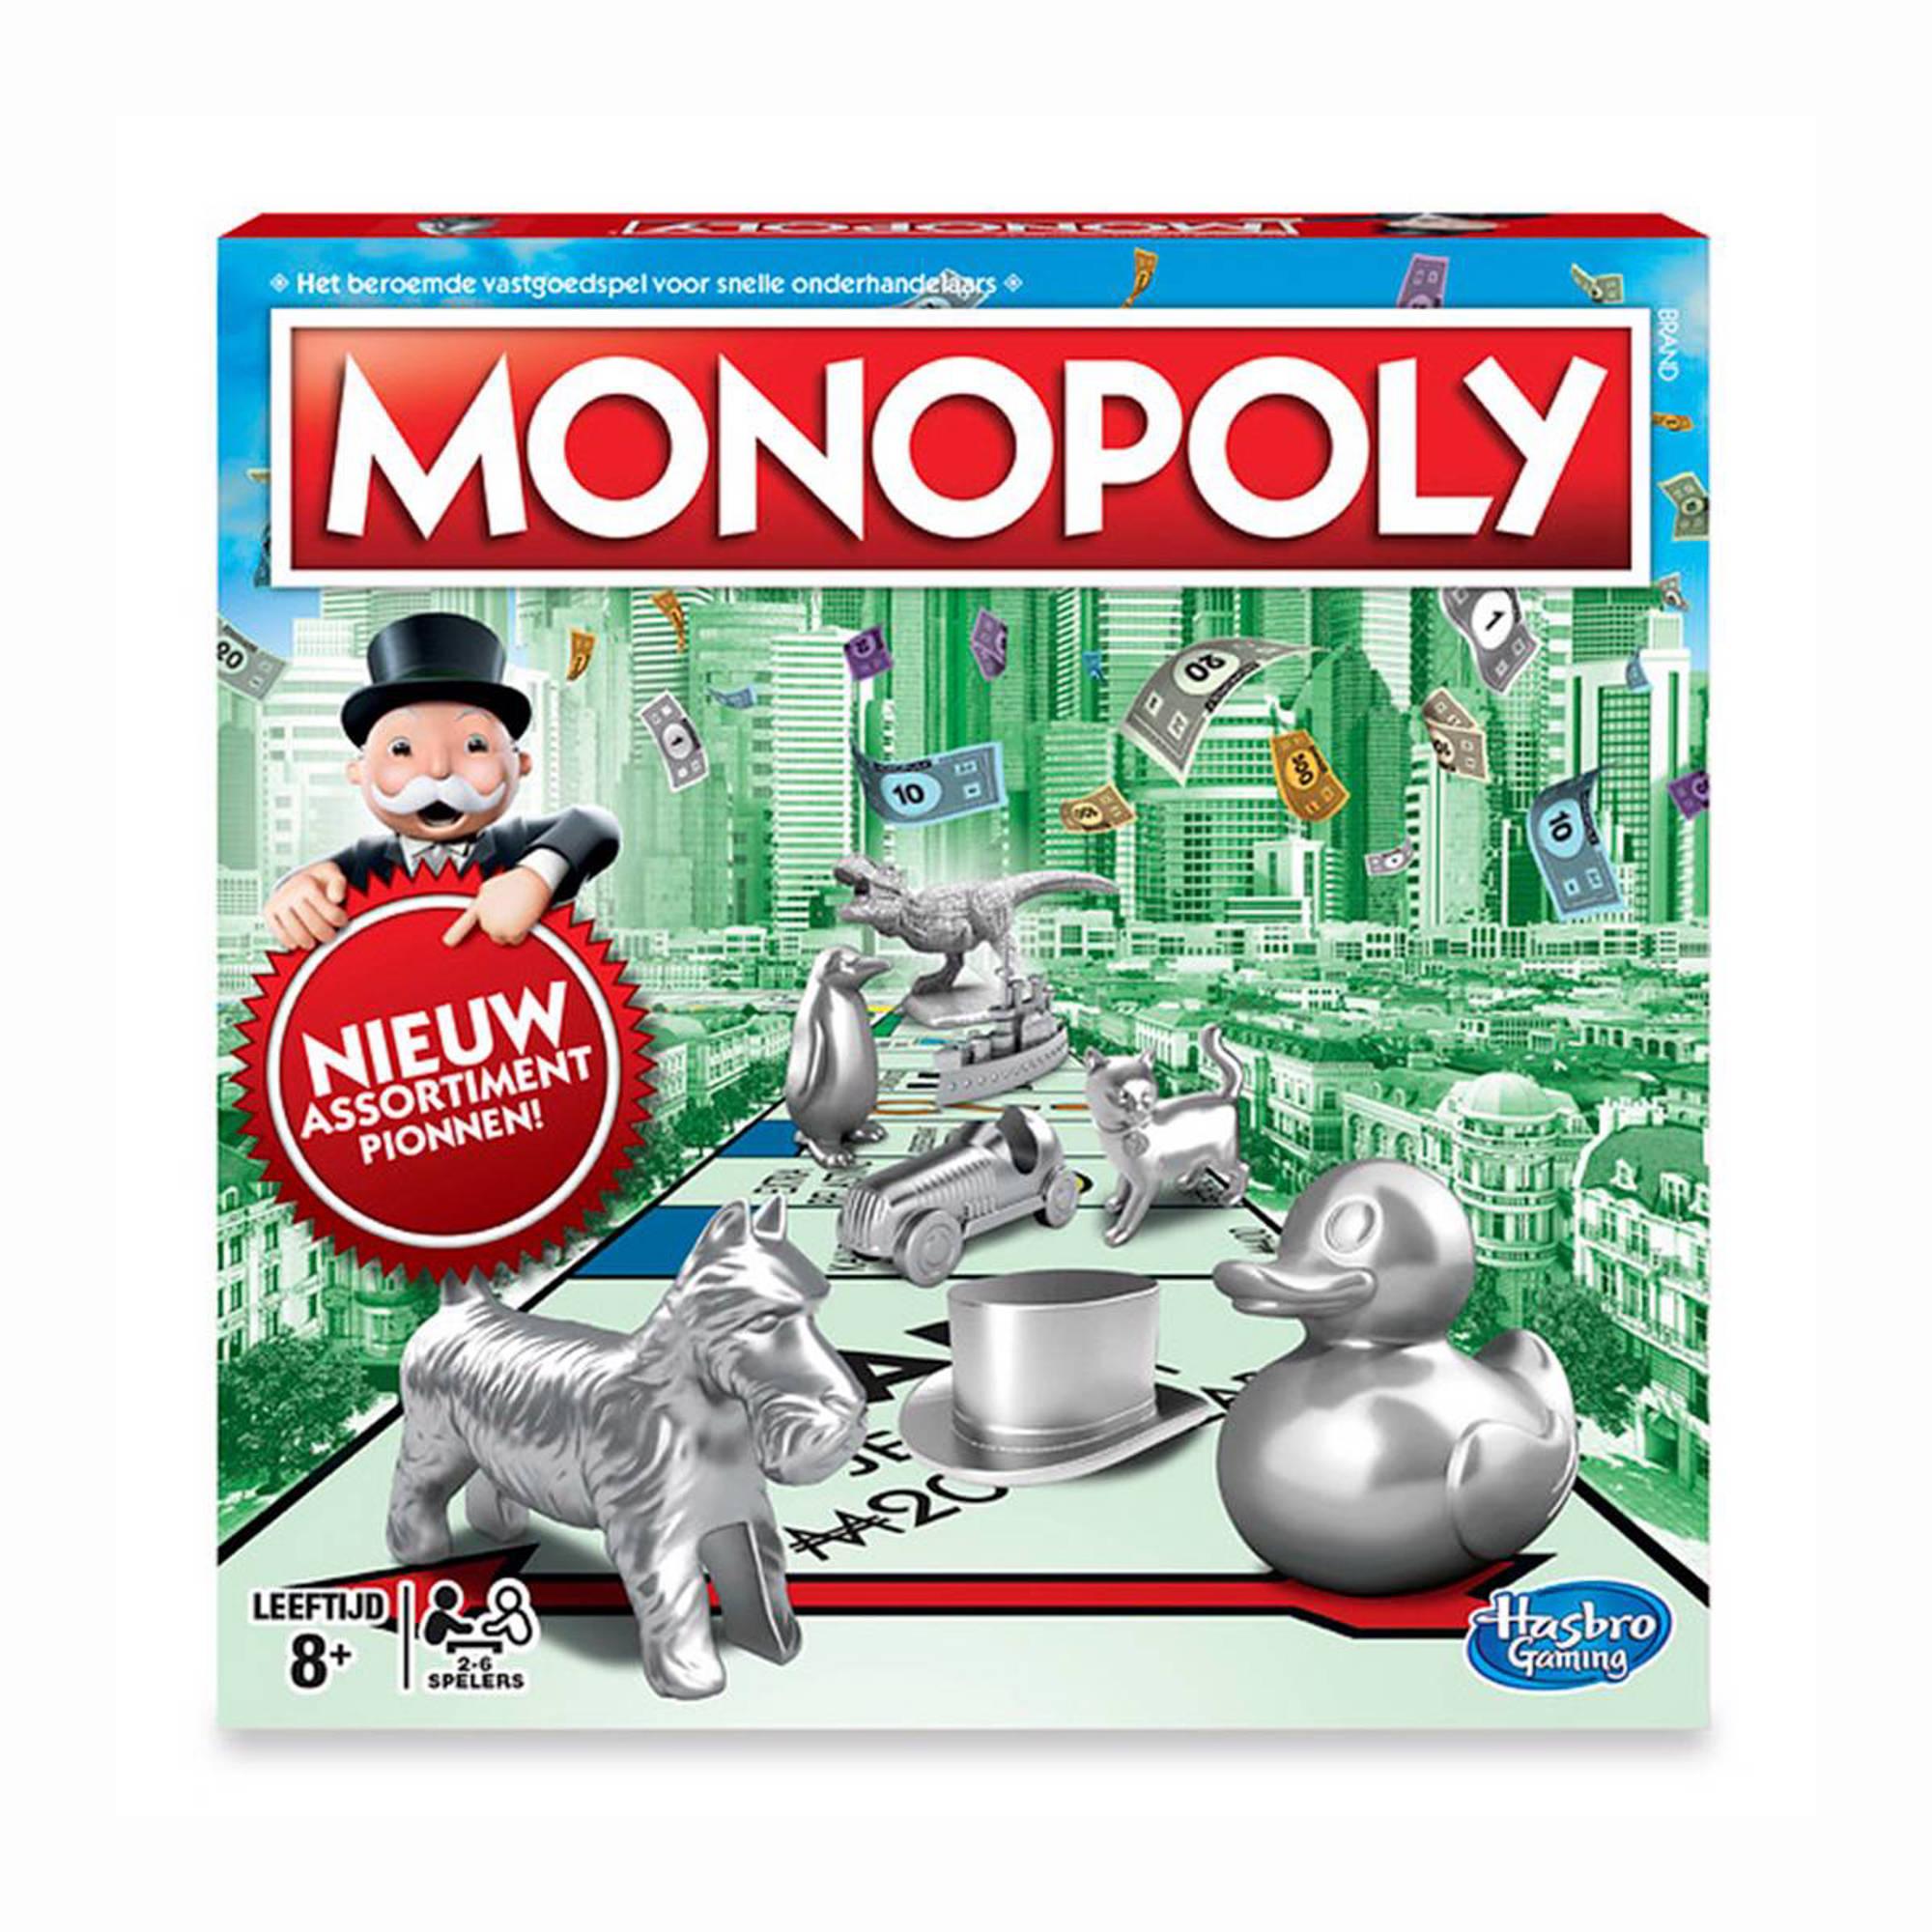 Monopoly classic nu met 31% korting!!